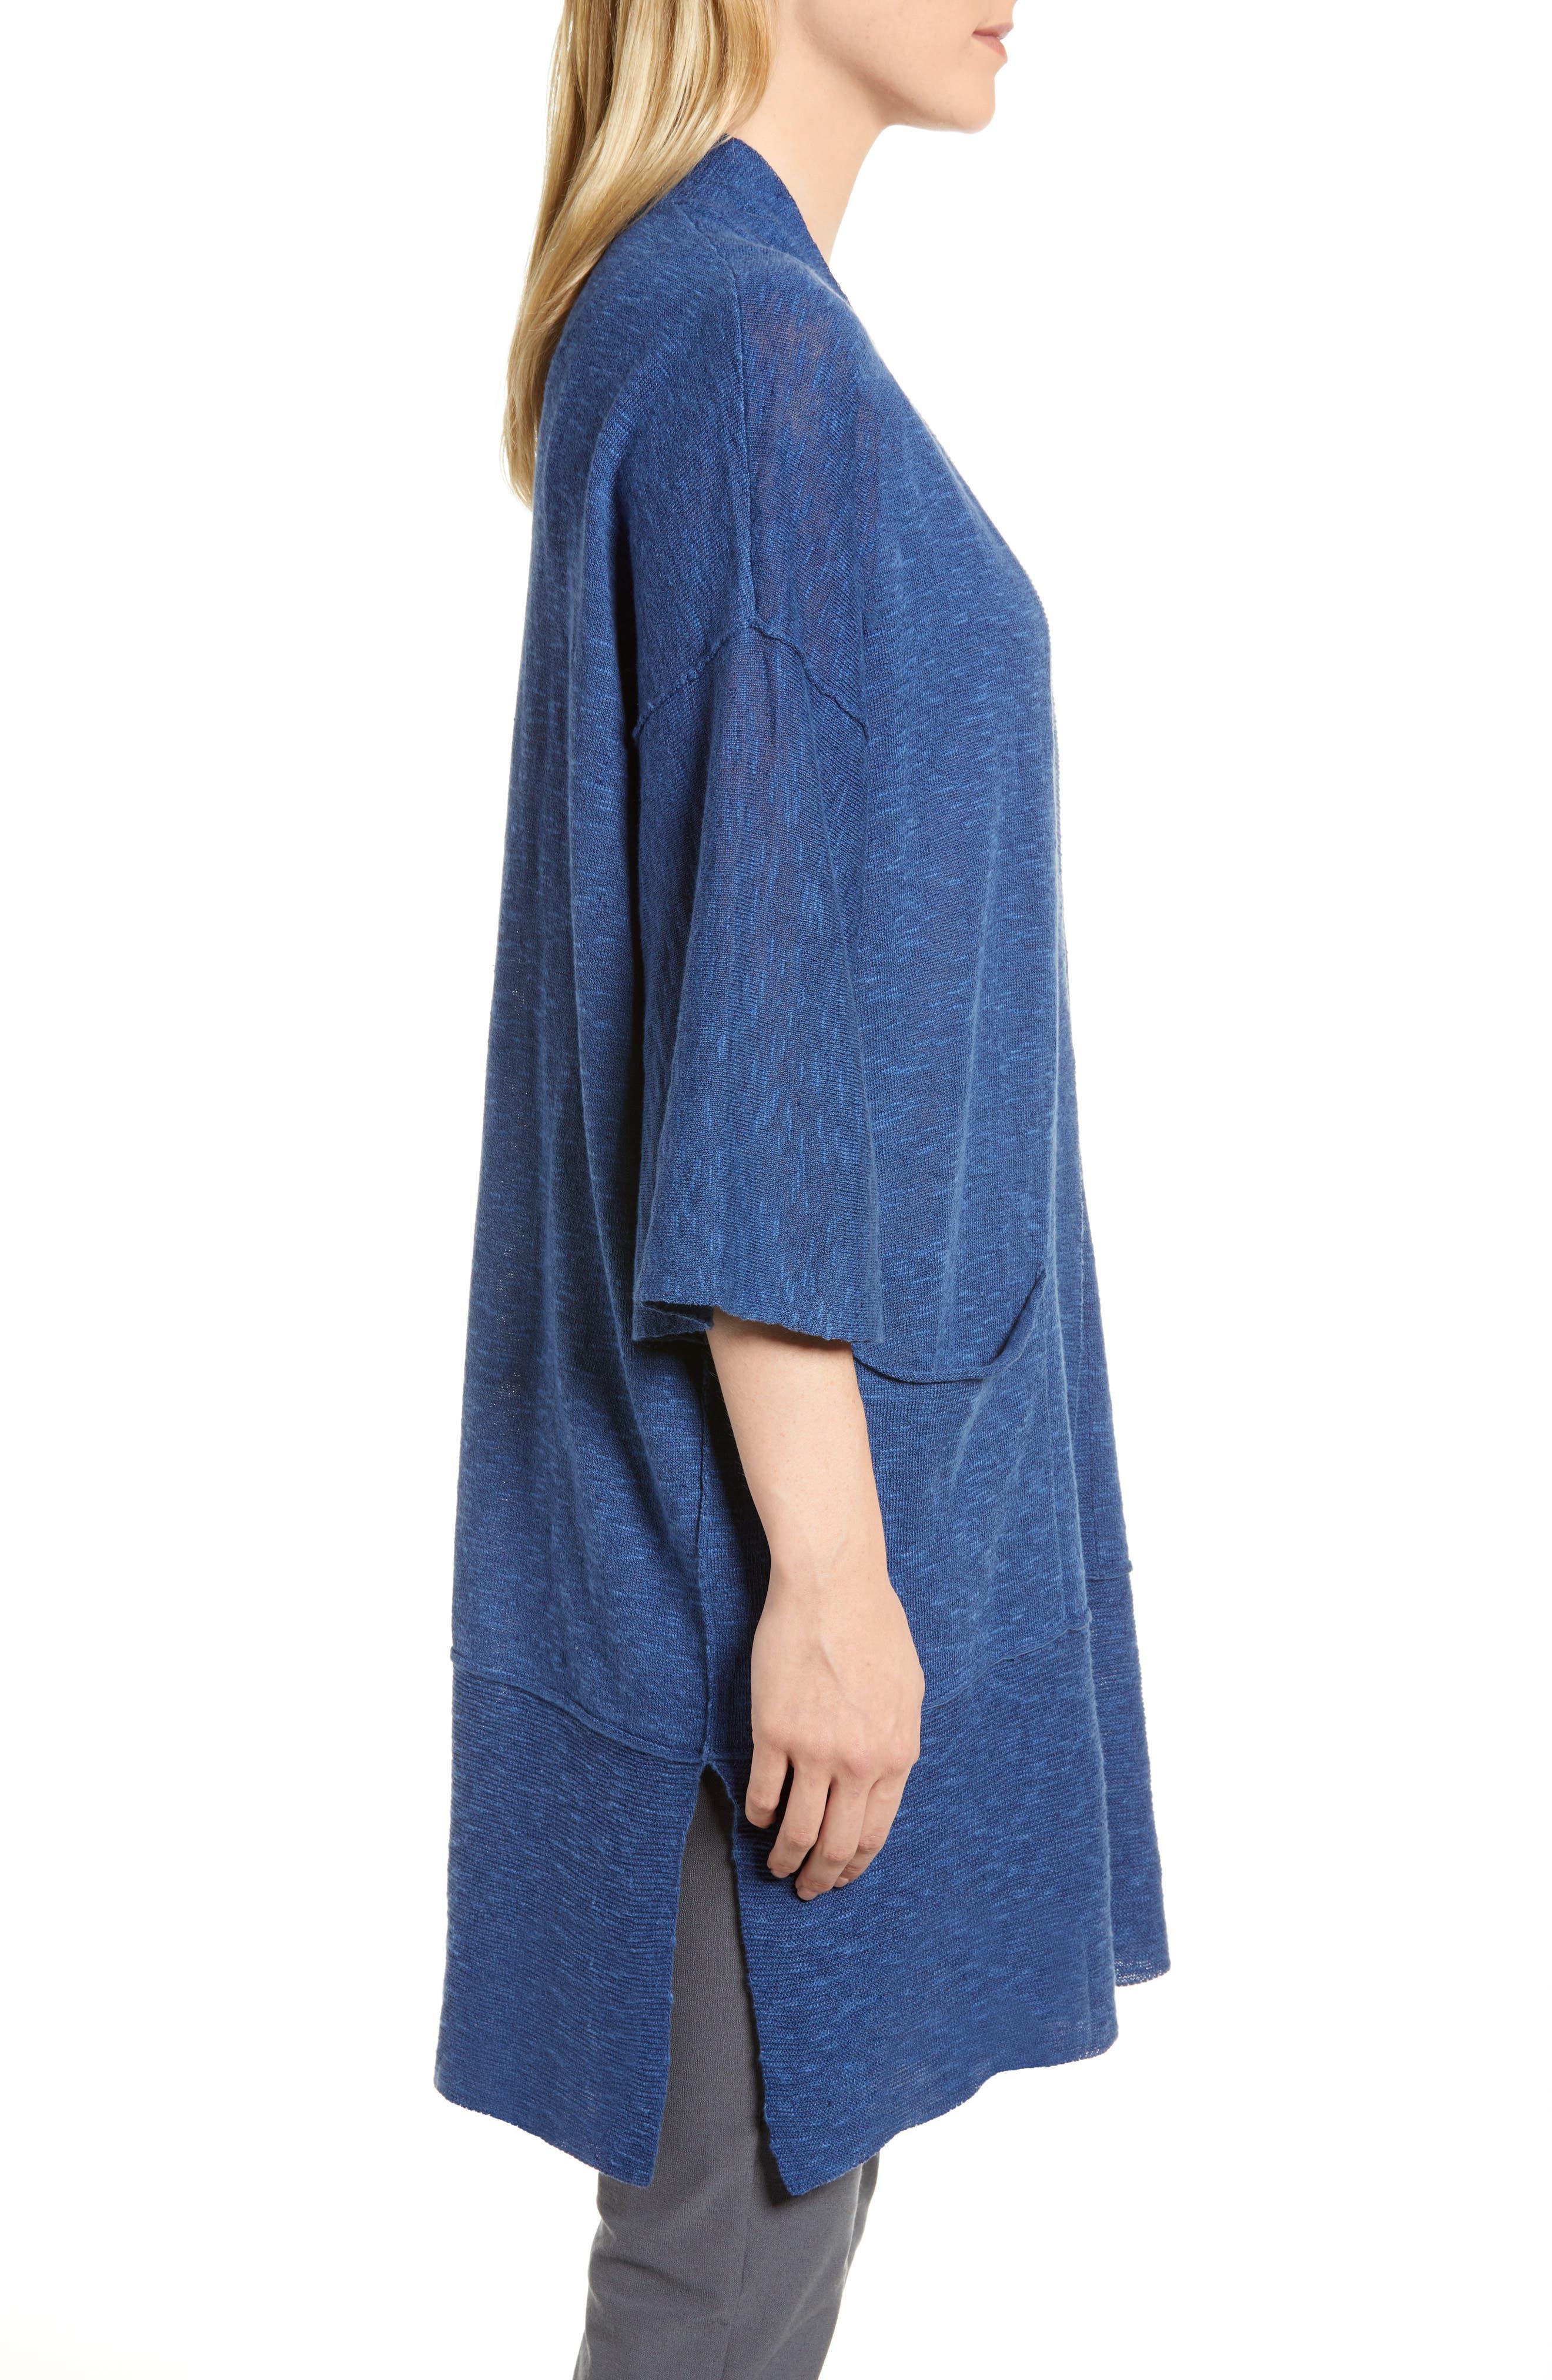 Organic Linen & Cotton Kimono Cardigan,                             Alternate thumbnail 3, color,                             Denim